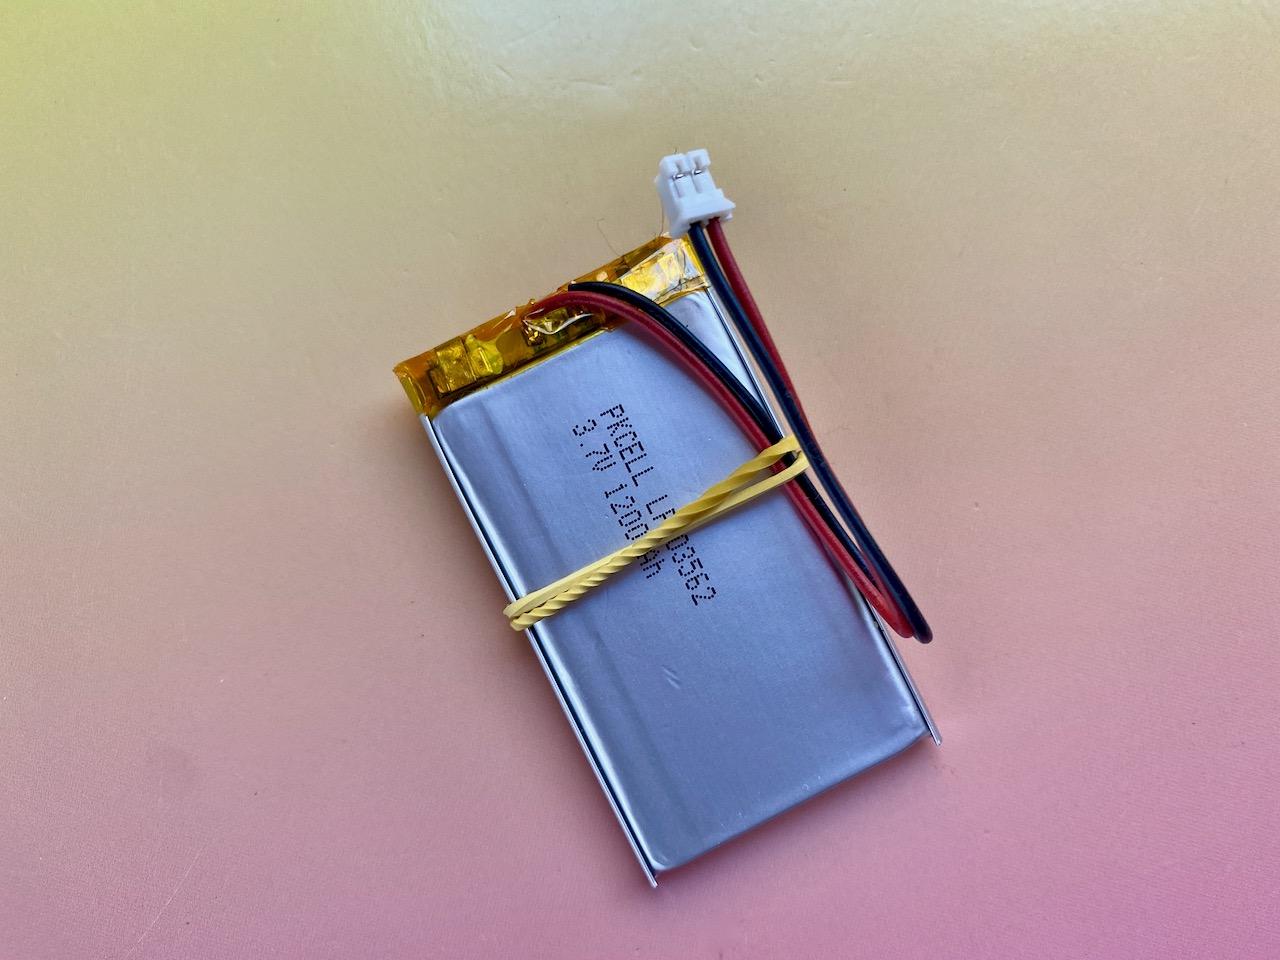 projects_10_battery_rubberband.jpeg